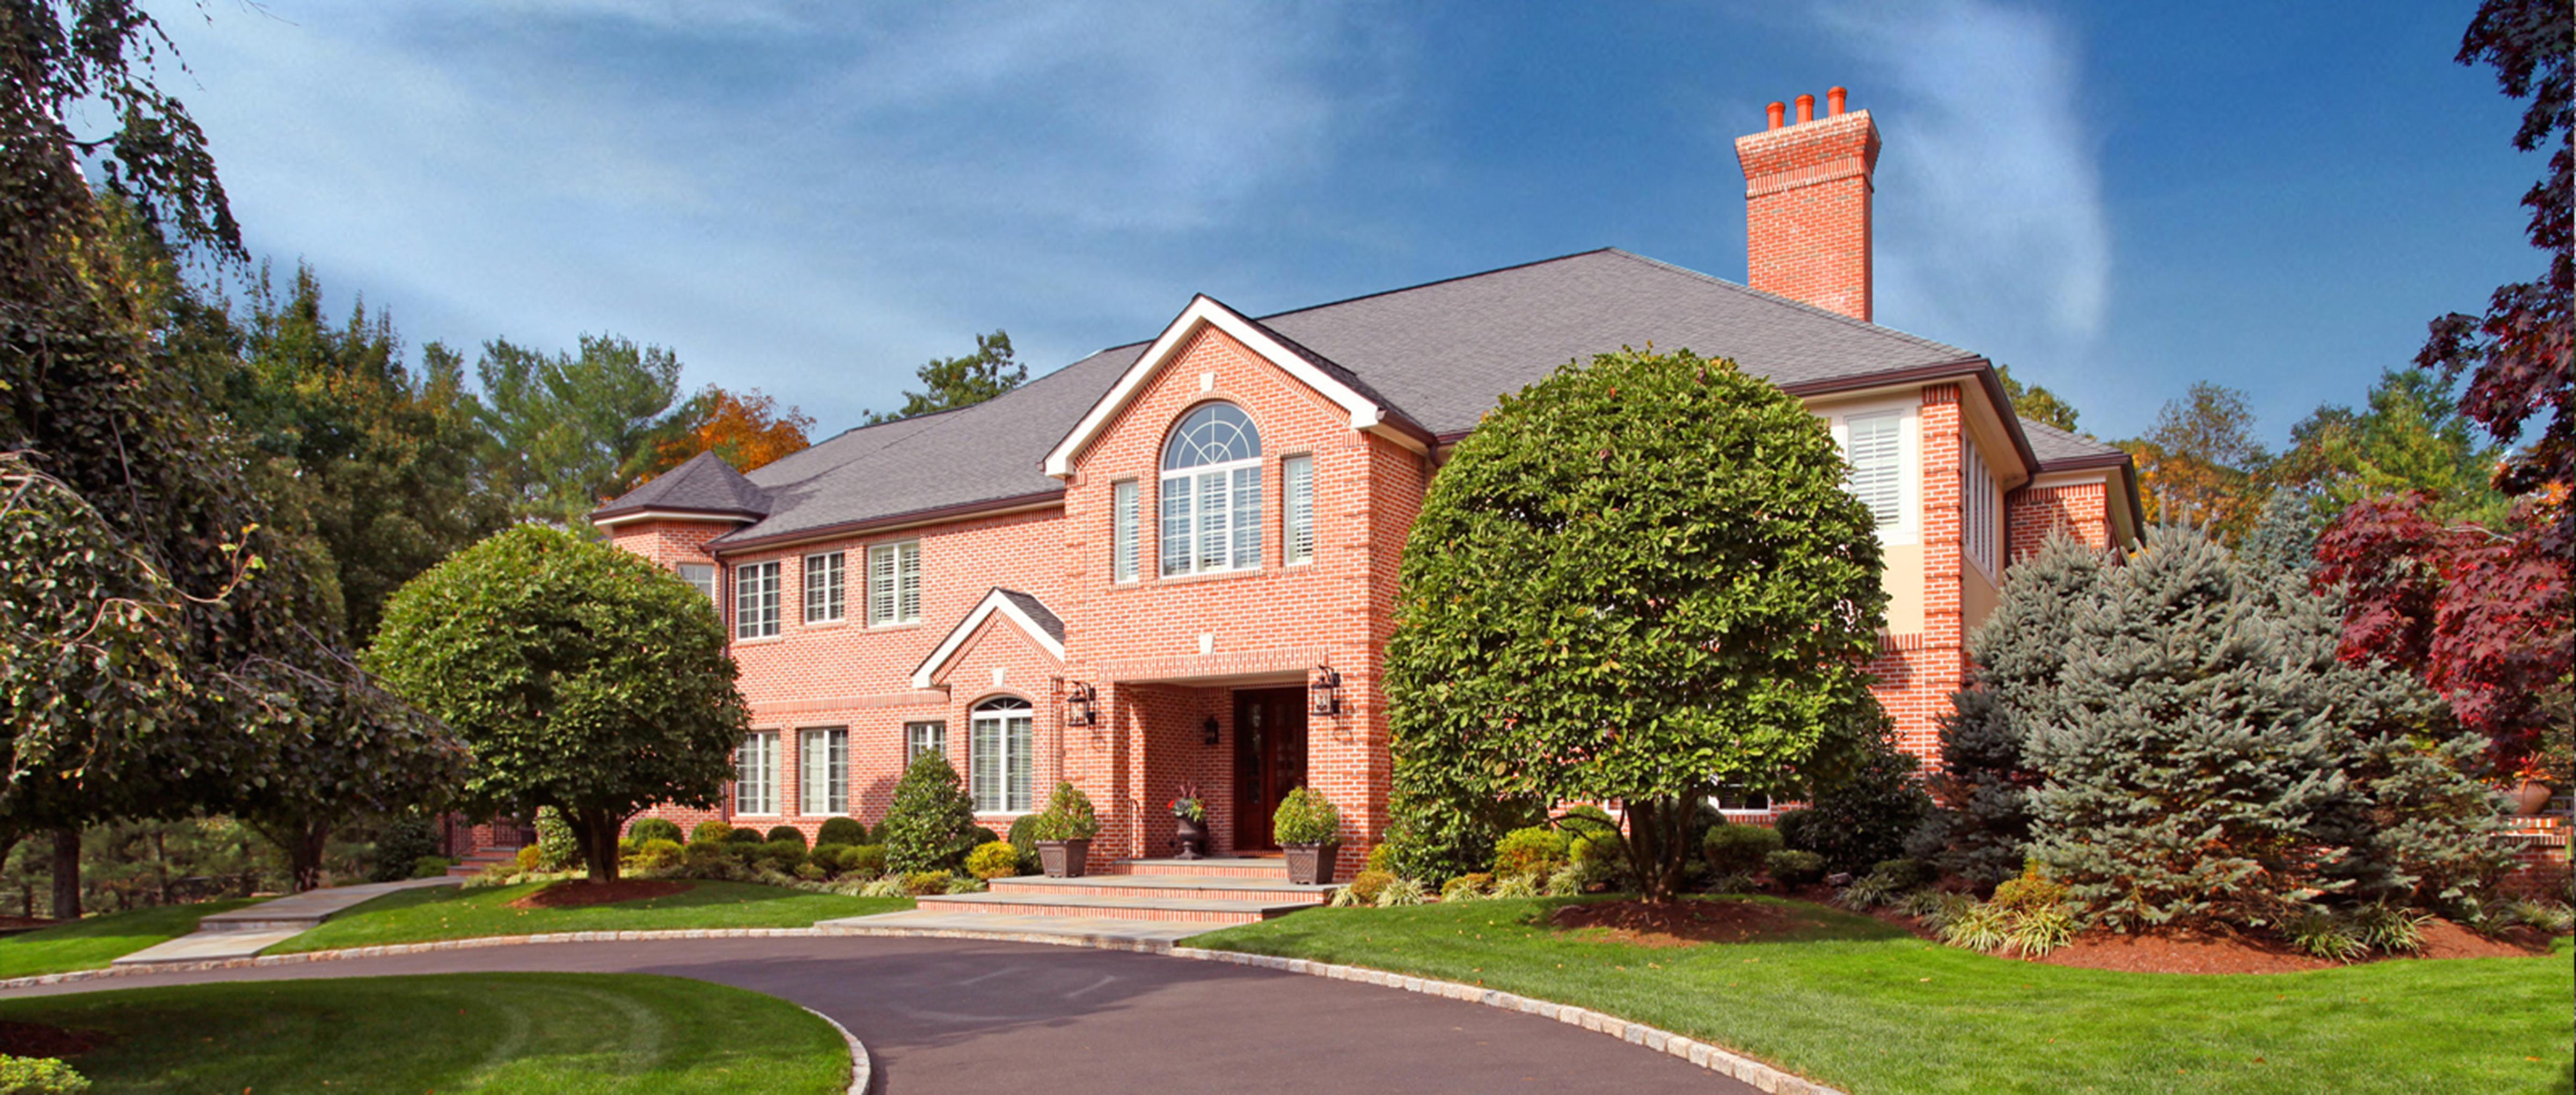 Casa Unifamiliar por un Venta en Estate Area of Harrison 110 Polly Park Road Rye, Nueva York, 10580 Estados Unidos